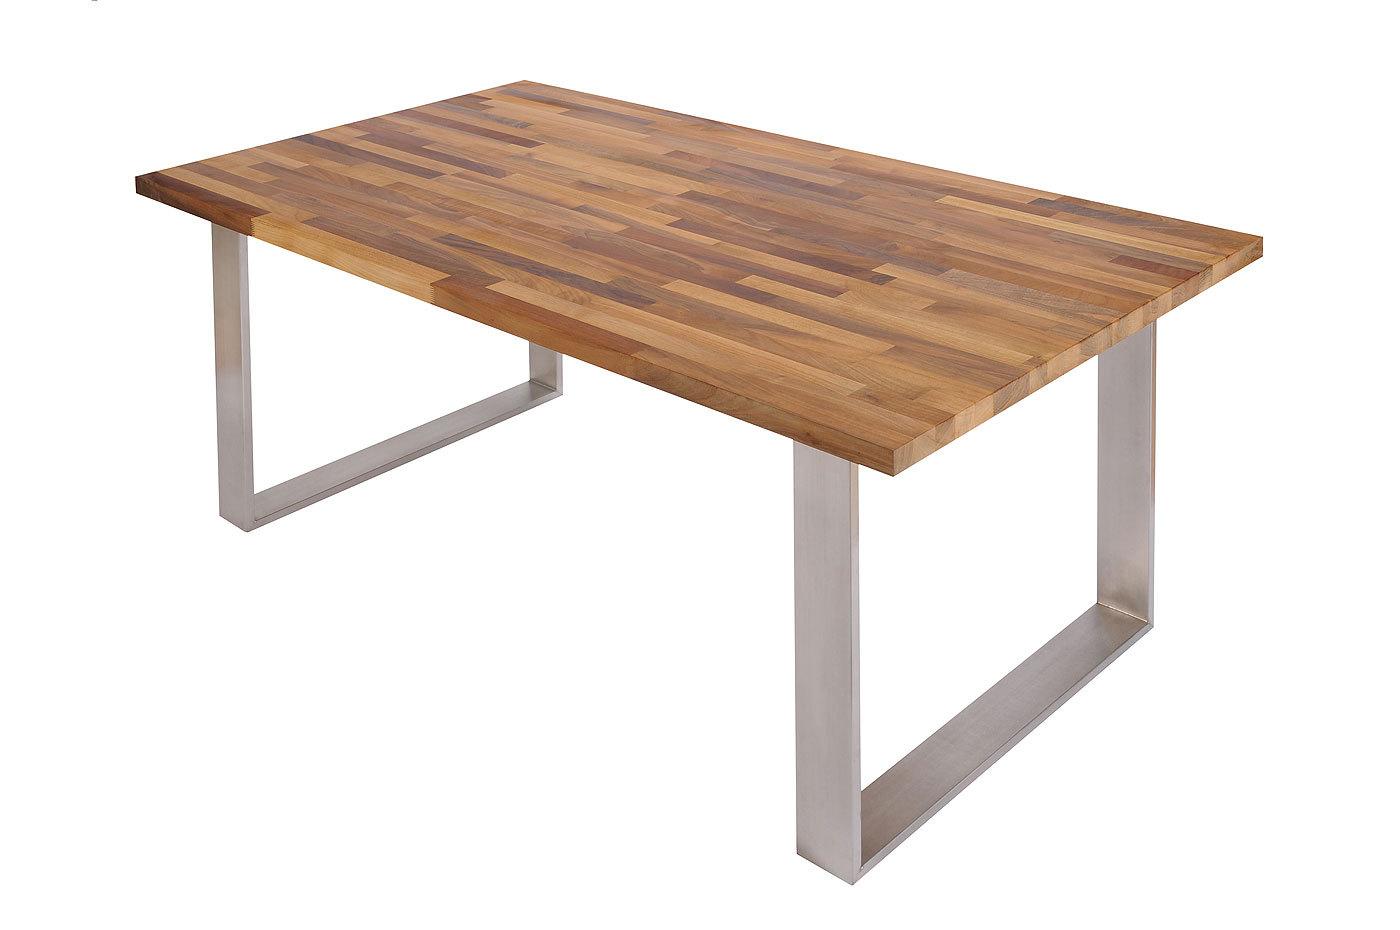 Untergestell kufenbein tischbein edelstahl geb rstet mit befestigungslaschen - Tisch aus arbeitsplatte ...